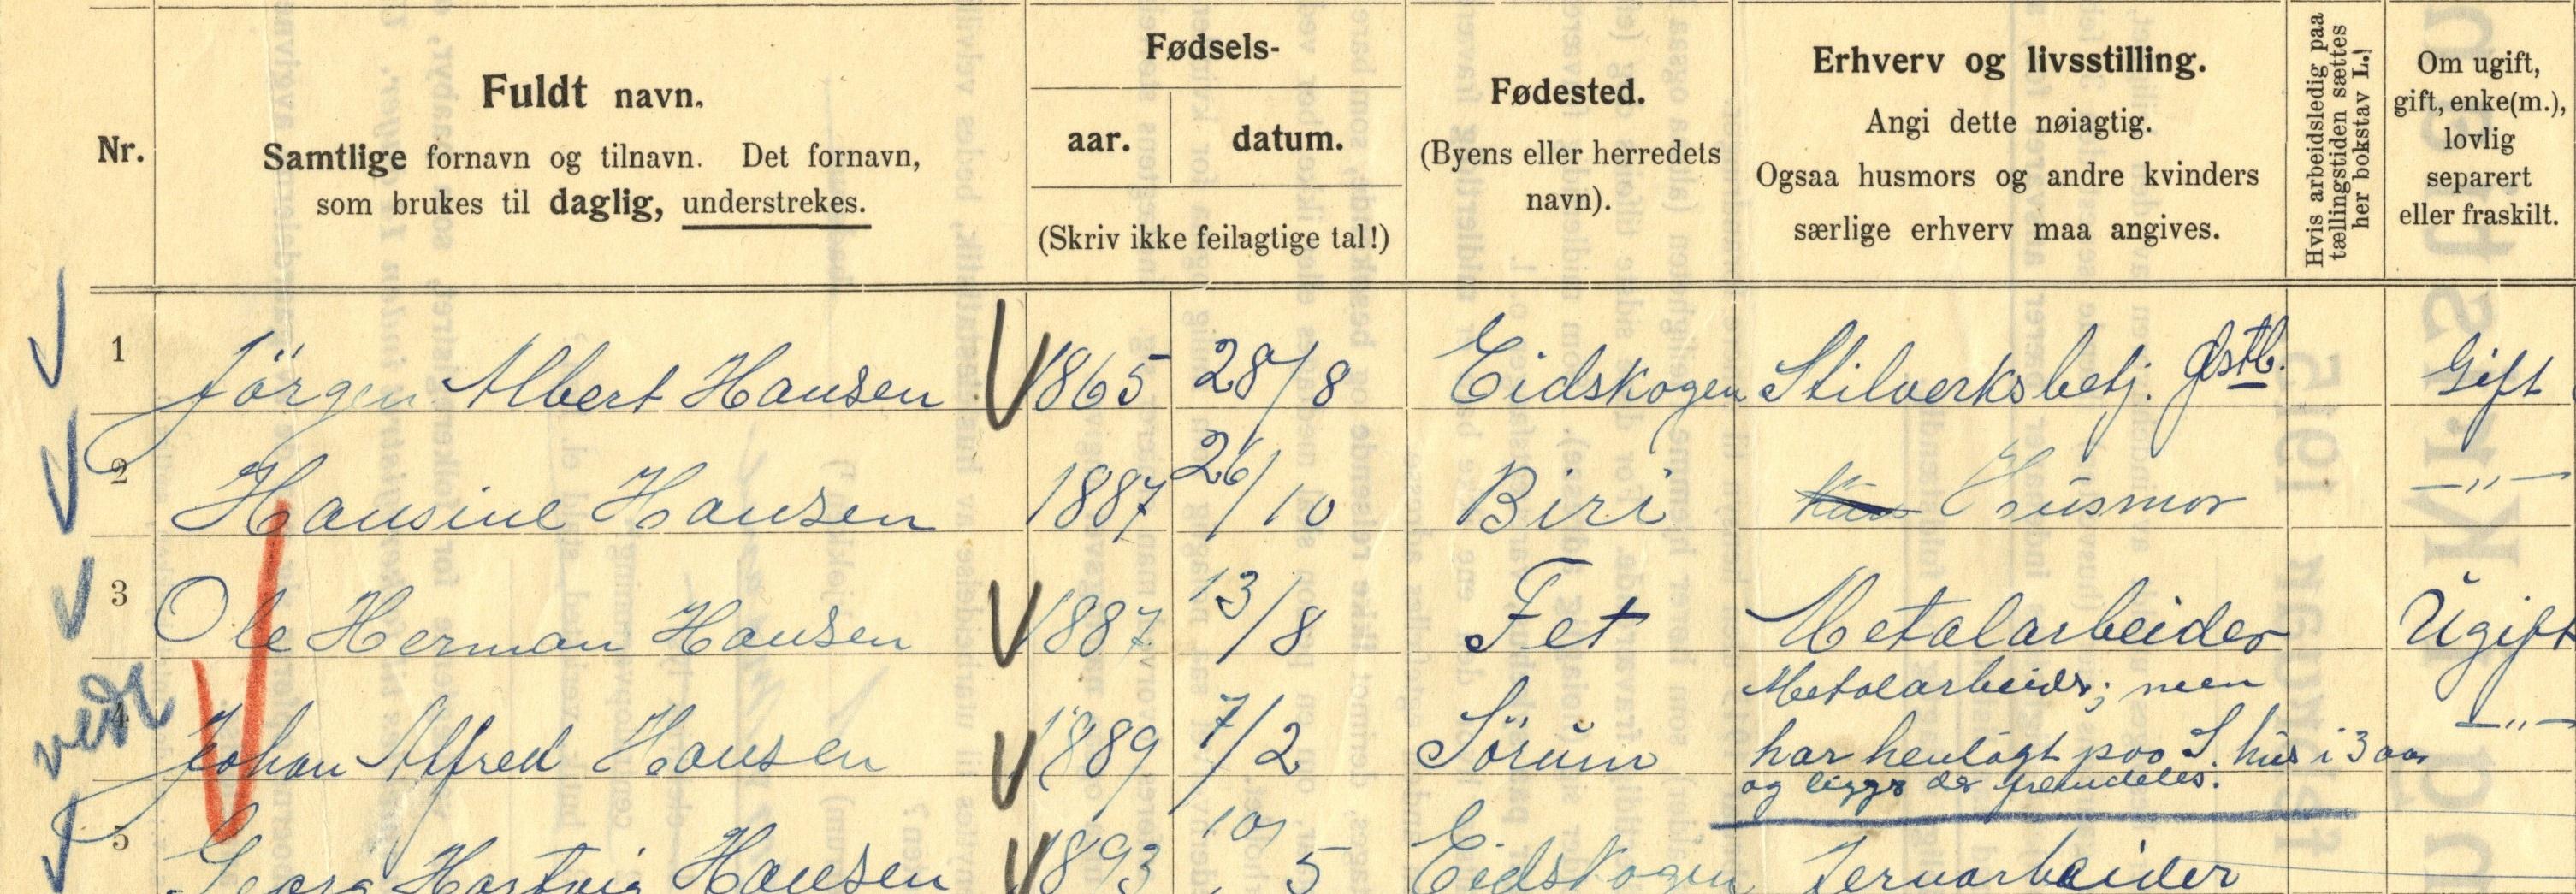 Johan Alfred Hansen i folketellinga fra 1915.